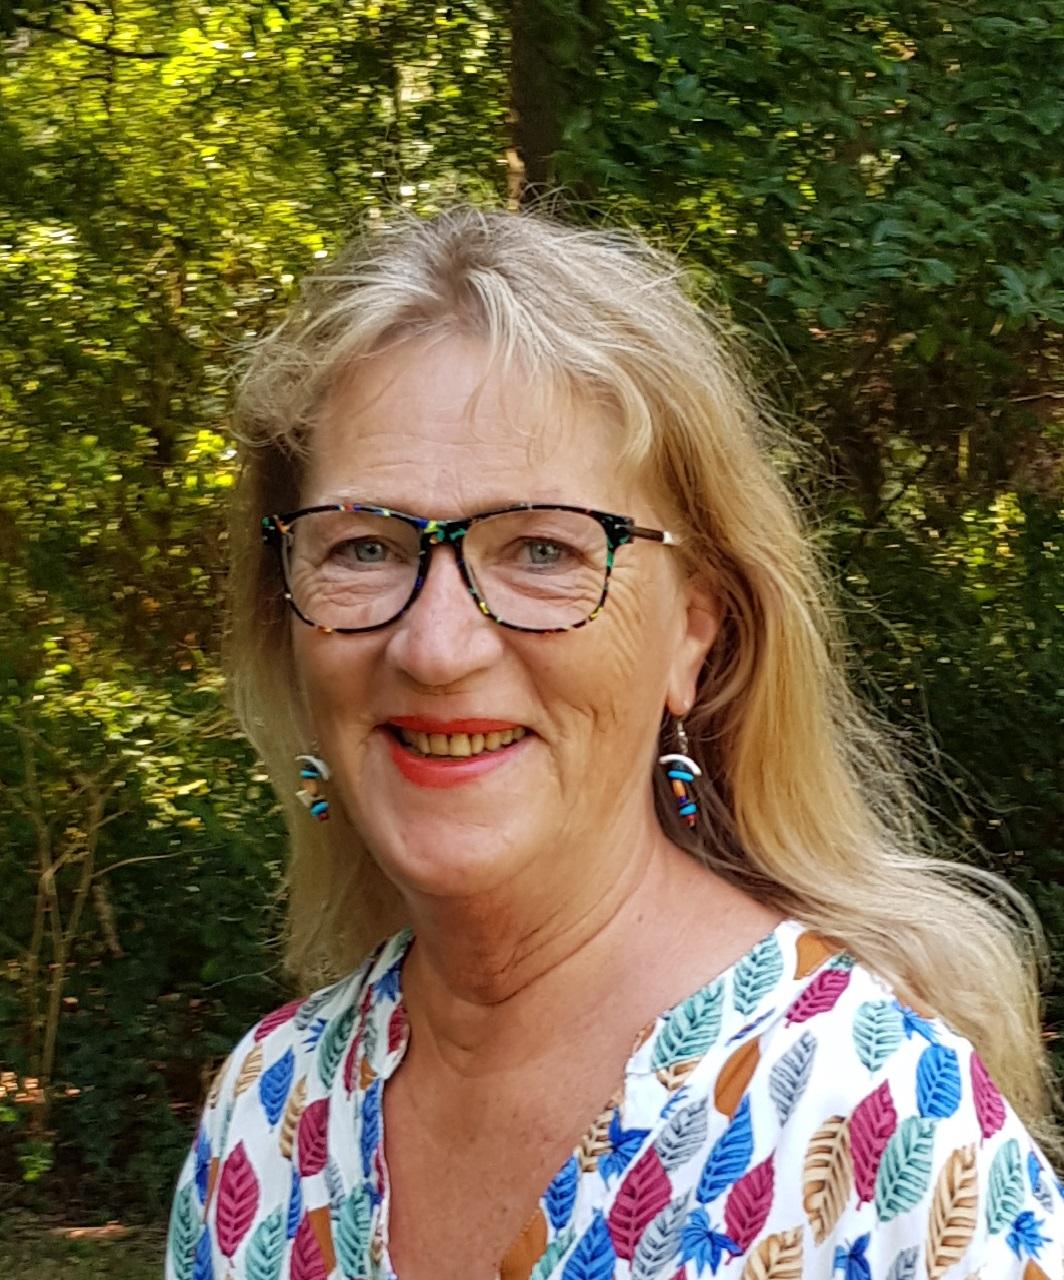 Jane - Sommer Larsen